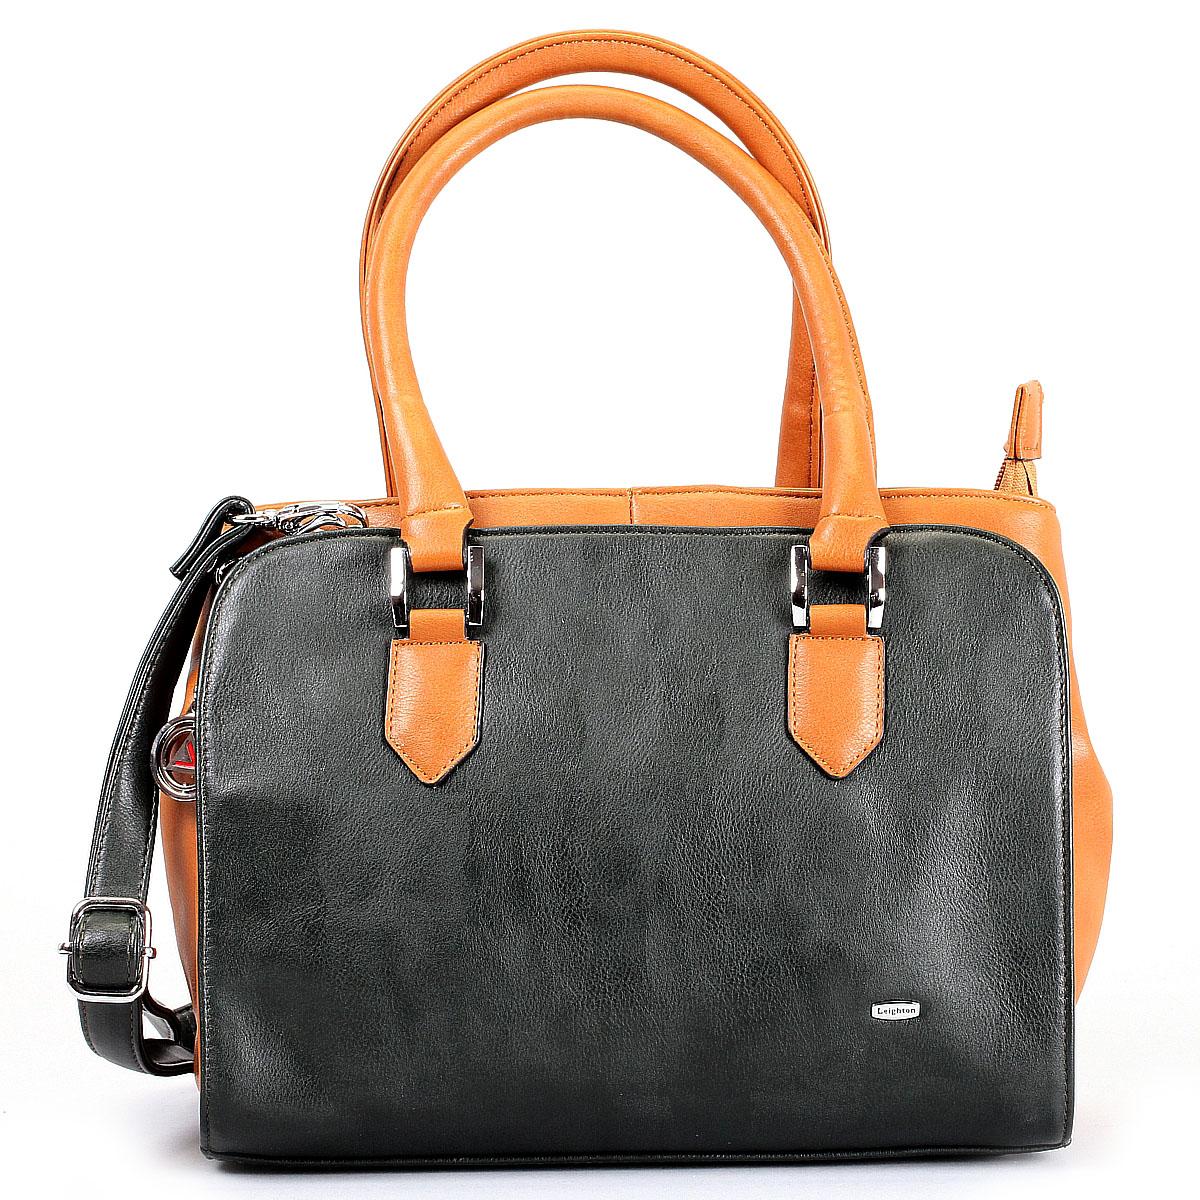 Сумка женская Leighton, цвет: черный, оранжевый. 520311-1591/12/1591/8520311-1591/1/1591/8Стильная женская сумка Leighton изготовлена из высококачественной искусственной кожи. Сумка состоит из двух отделений на застежке-молнии. Внутри первого - два накладных кармашка для мелочей, во втором - вшитый карман на молнии. На задней стенке сумки расположен дополнительный вшитый кармашек на молнии. Сумка имеет удобные ручки для переноски и плечевой ремень, регулирующийся по длине. Дно защищено металлическими ножками. По желанию можно украсить сумку входящей в комплект декоративной металлической подвеской. Сумка Leighton - это практичный и удобный аксессуар, который станет функциональным дополнением к любому стилю. Блестящий дизайн сумки, сочетающий классические формы с оригинальным оформлением, позволит вам подчеркнуть свою индивидуальность и сделает ваш образ изысканным и завершенным.